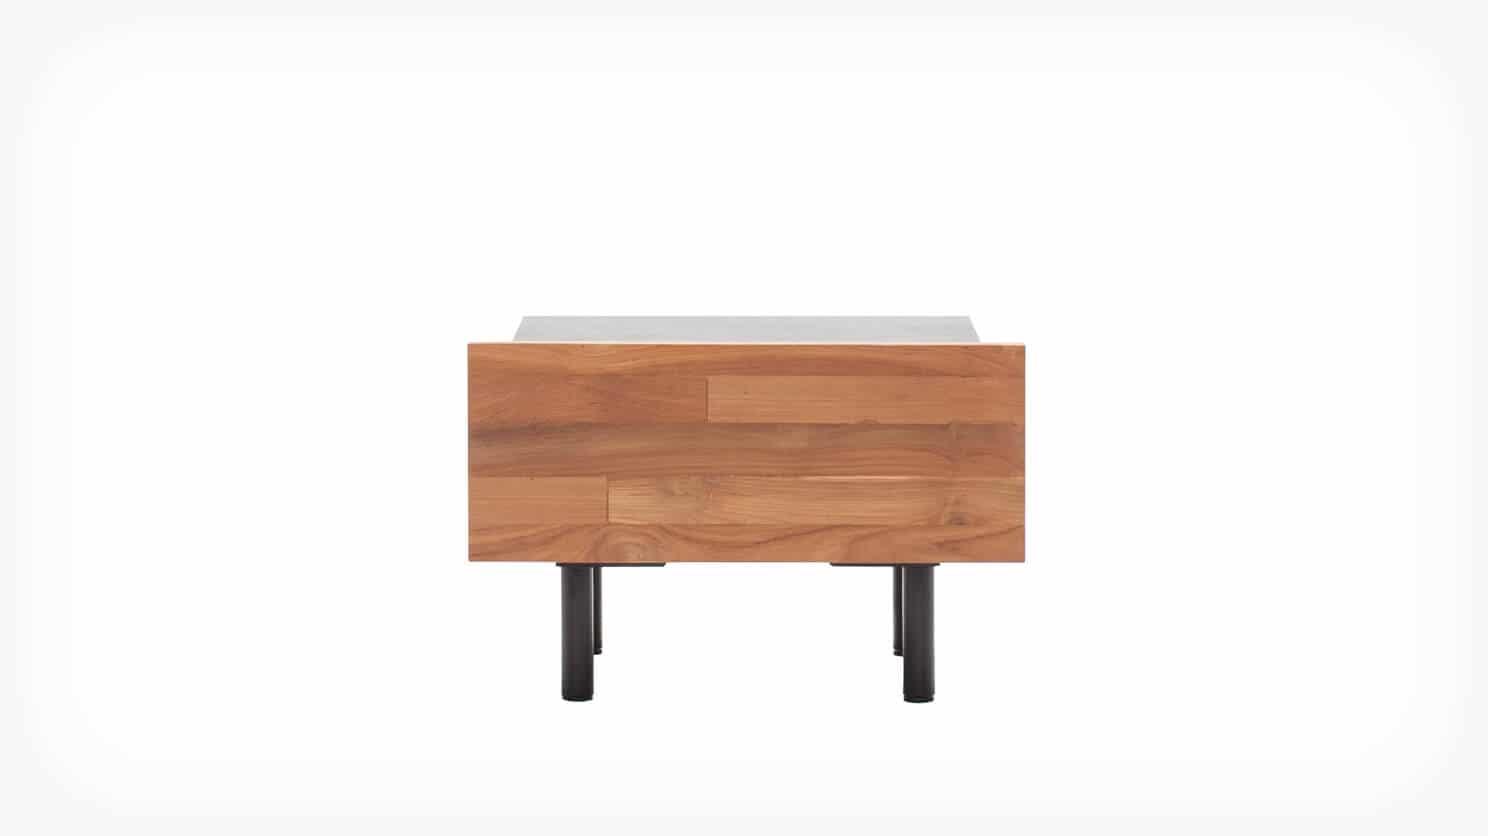 7040 431 par 2 nightstands reclaimed teak nightstand charcoal front 01